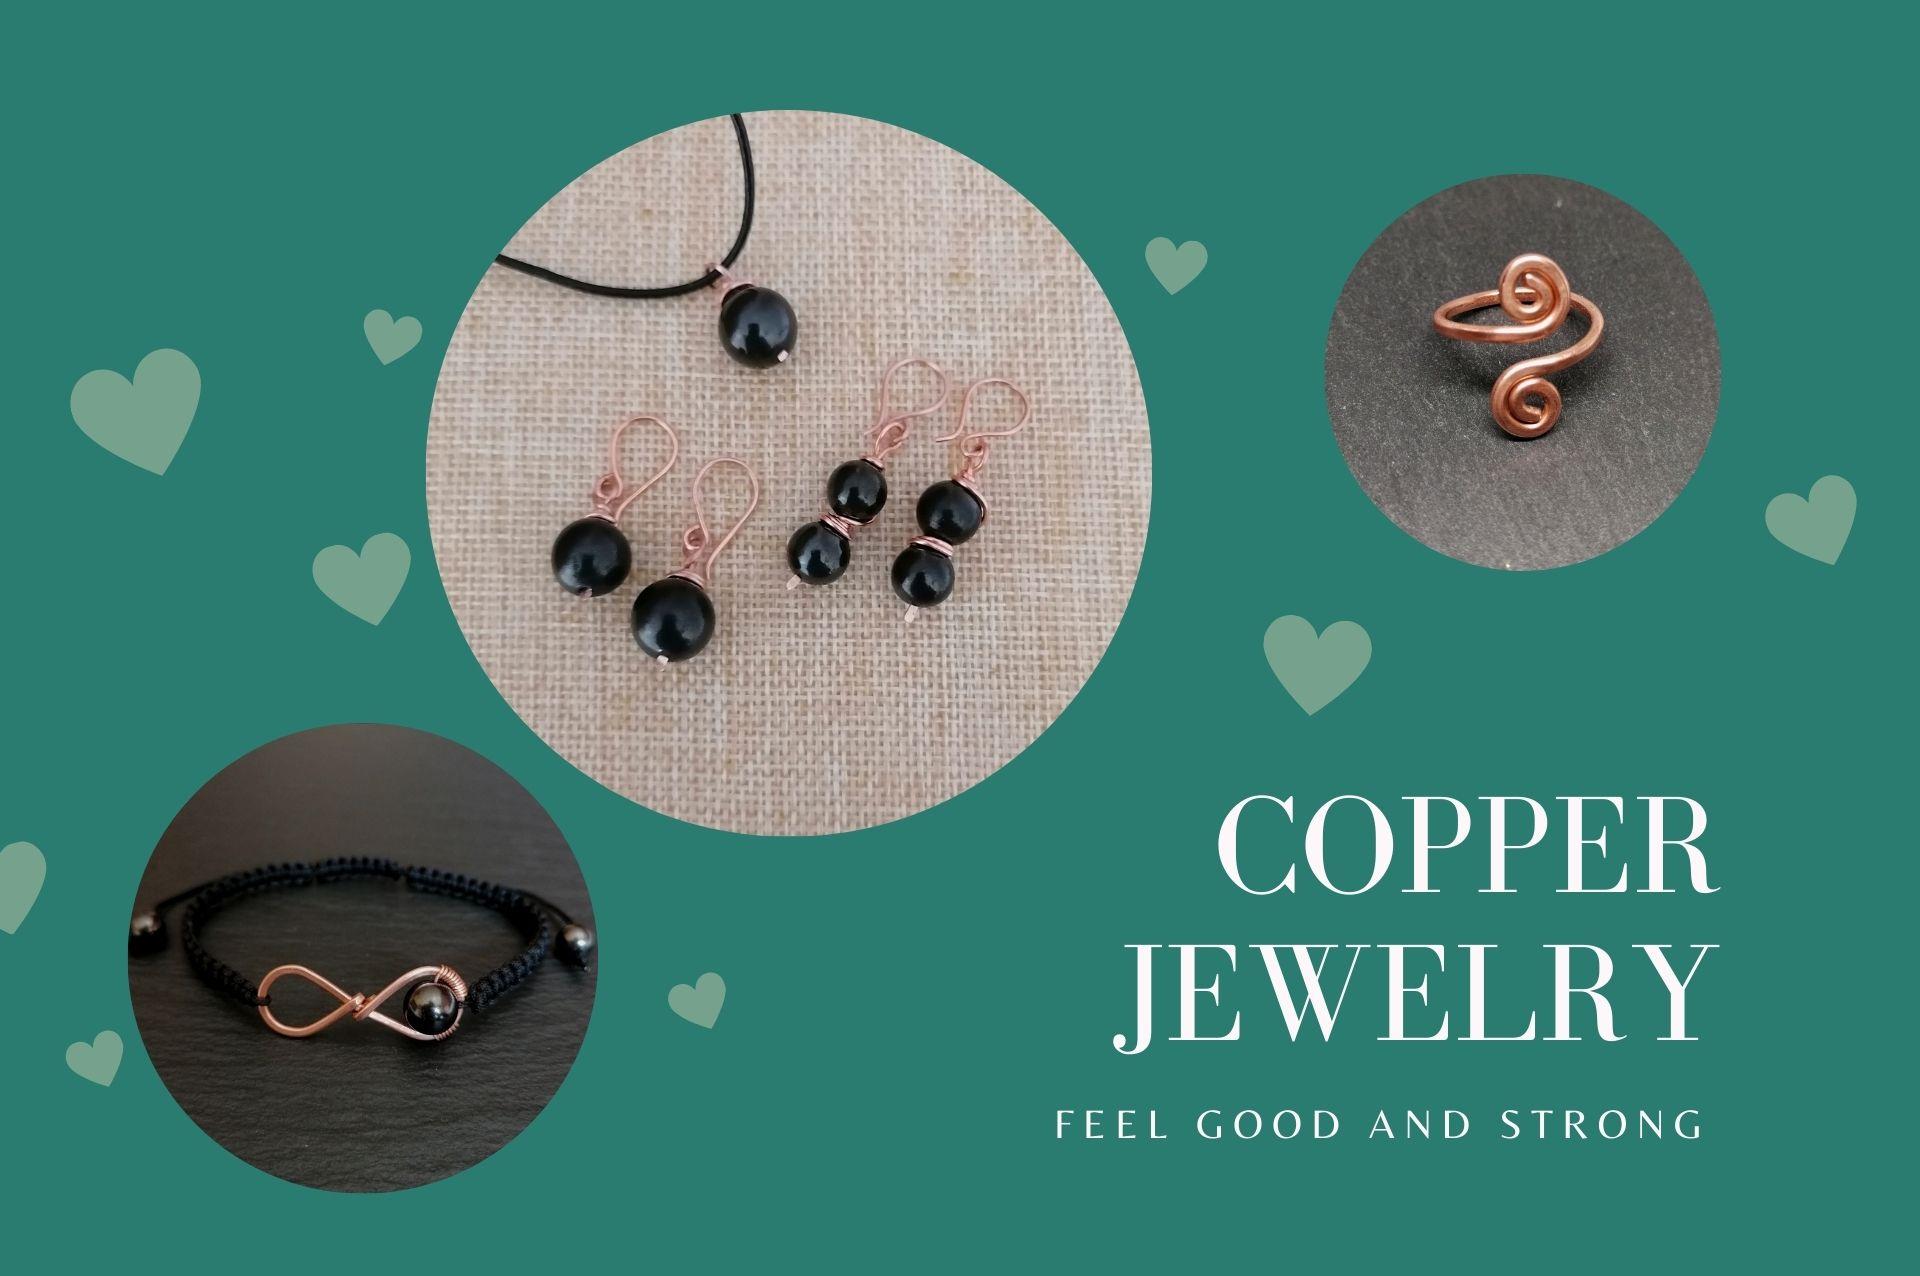 arcanastones copper jewelry with healing gemstones